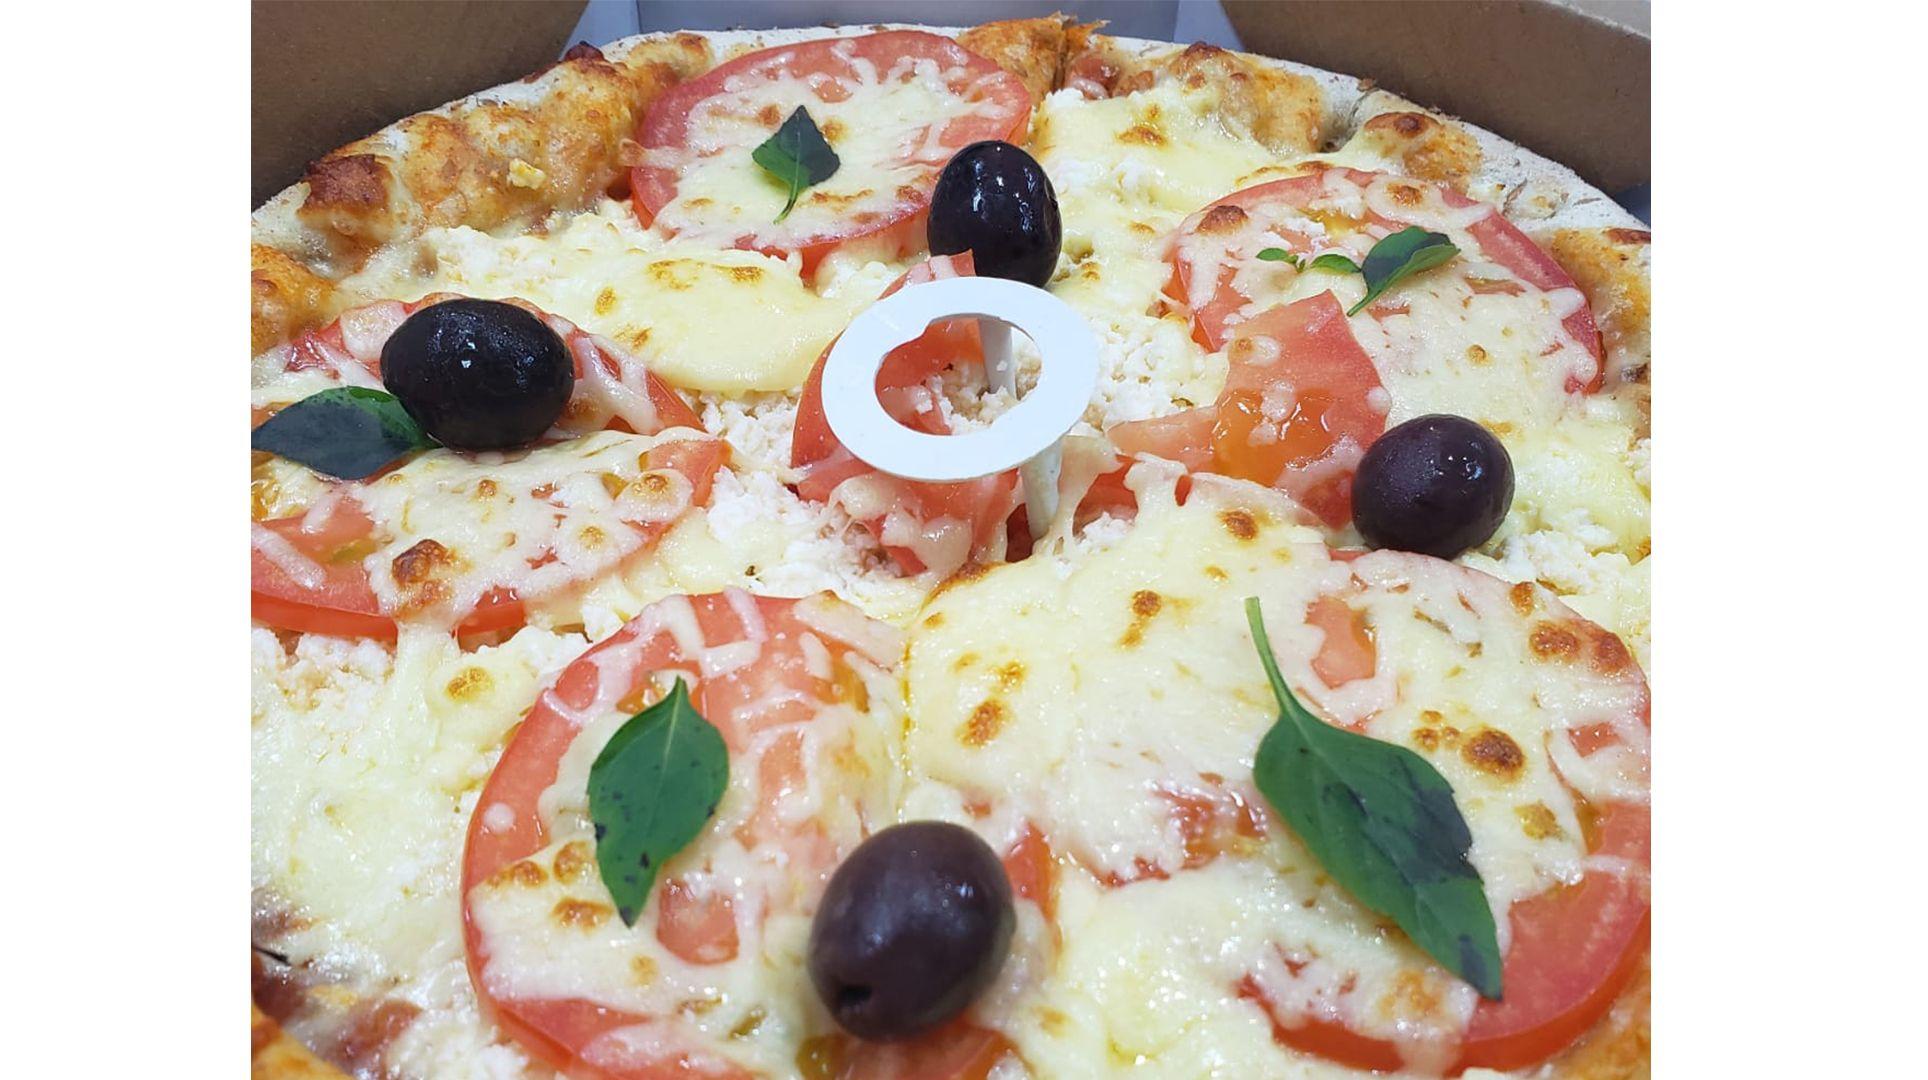 Molho de tomate, mussarela, tomate fresco, manjericão, polvilho com parmesão ralado, orégano e azeitonas